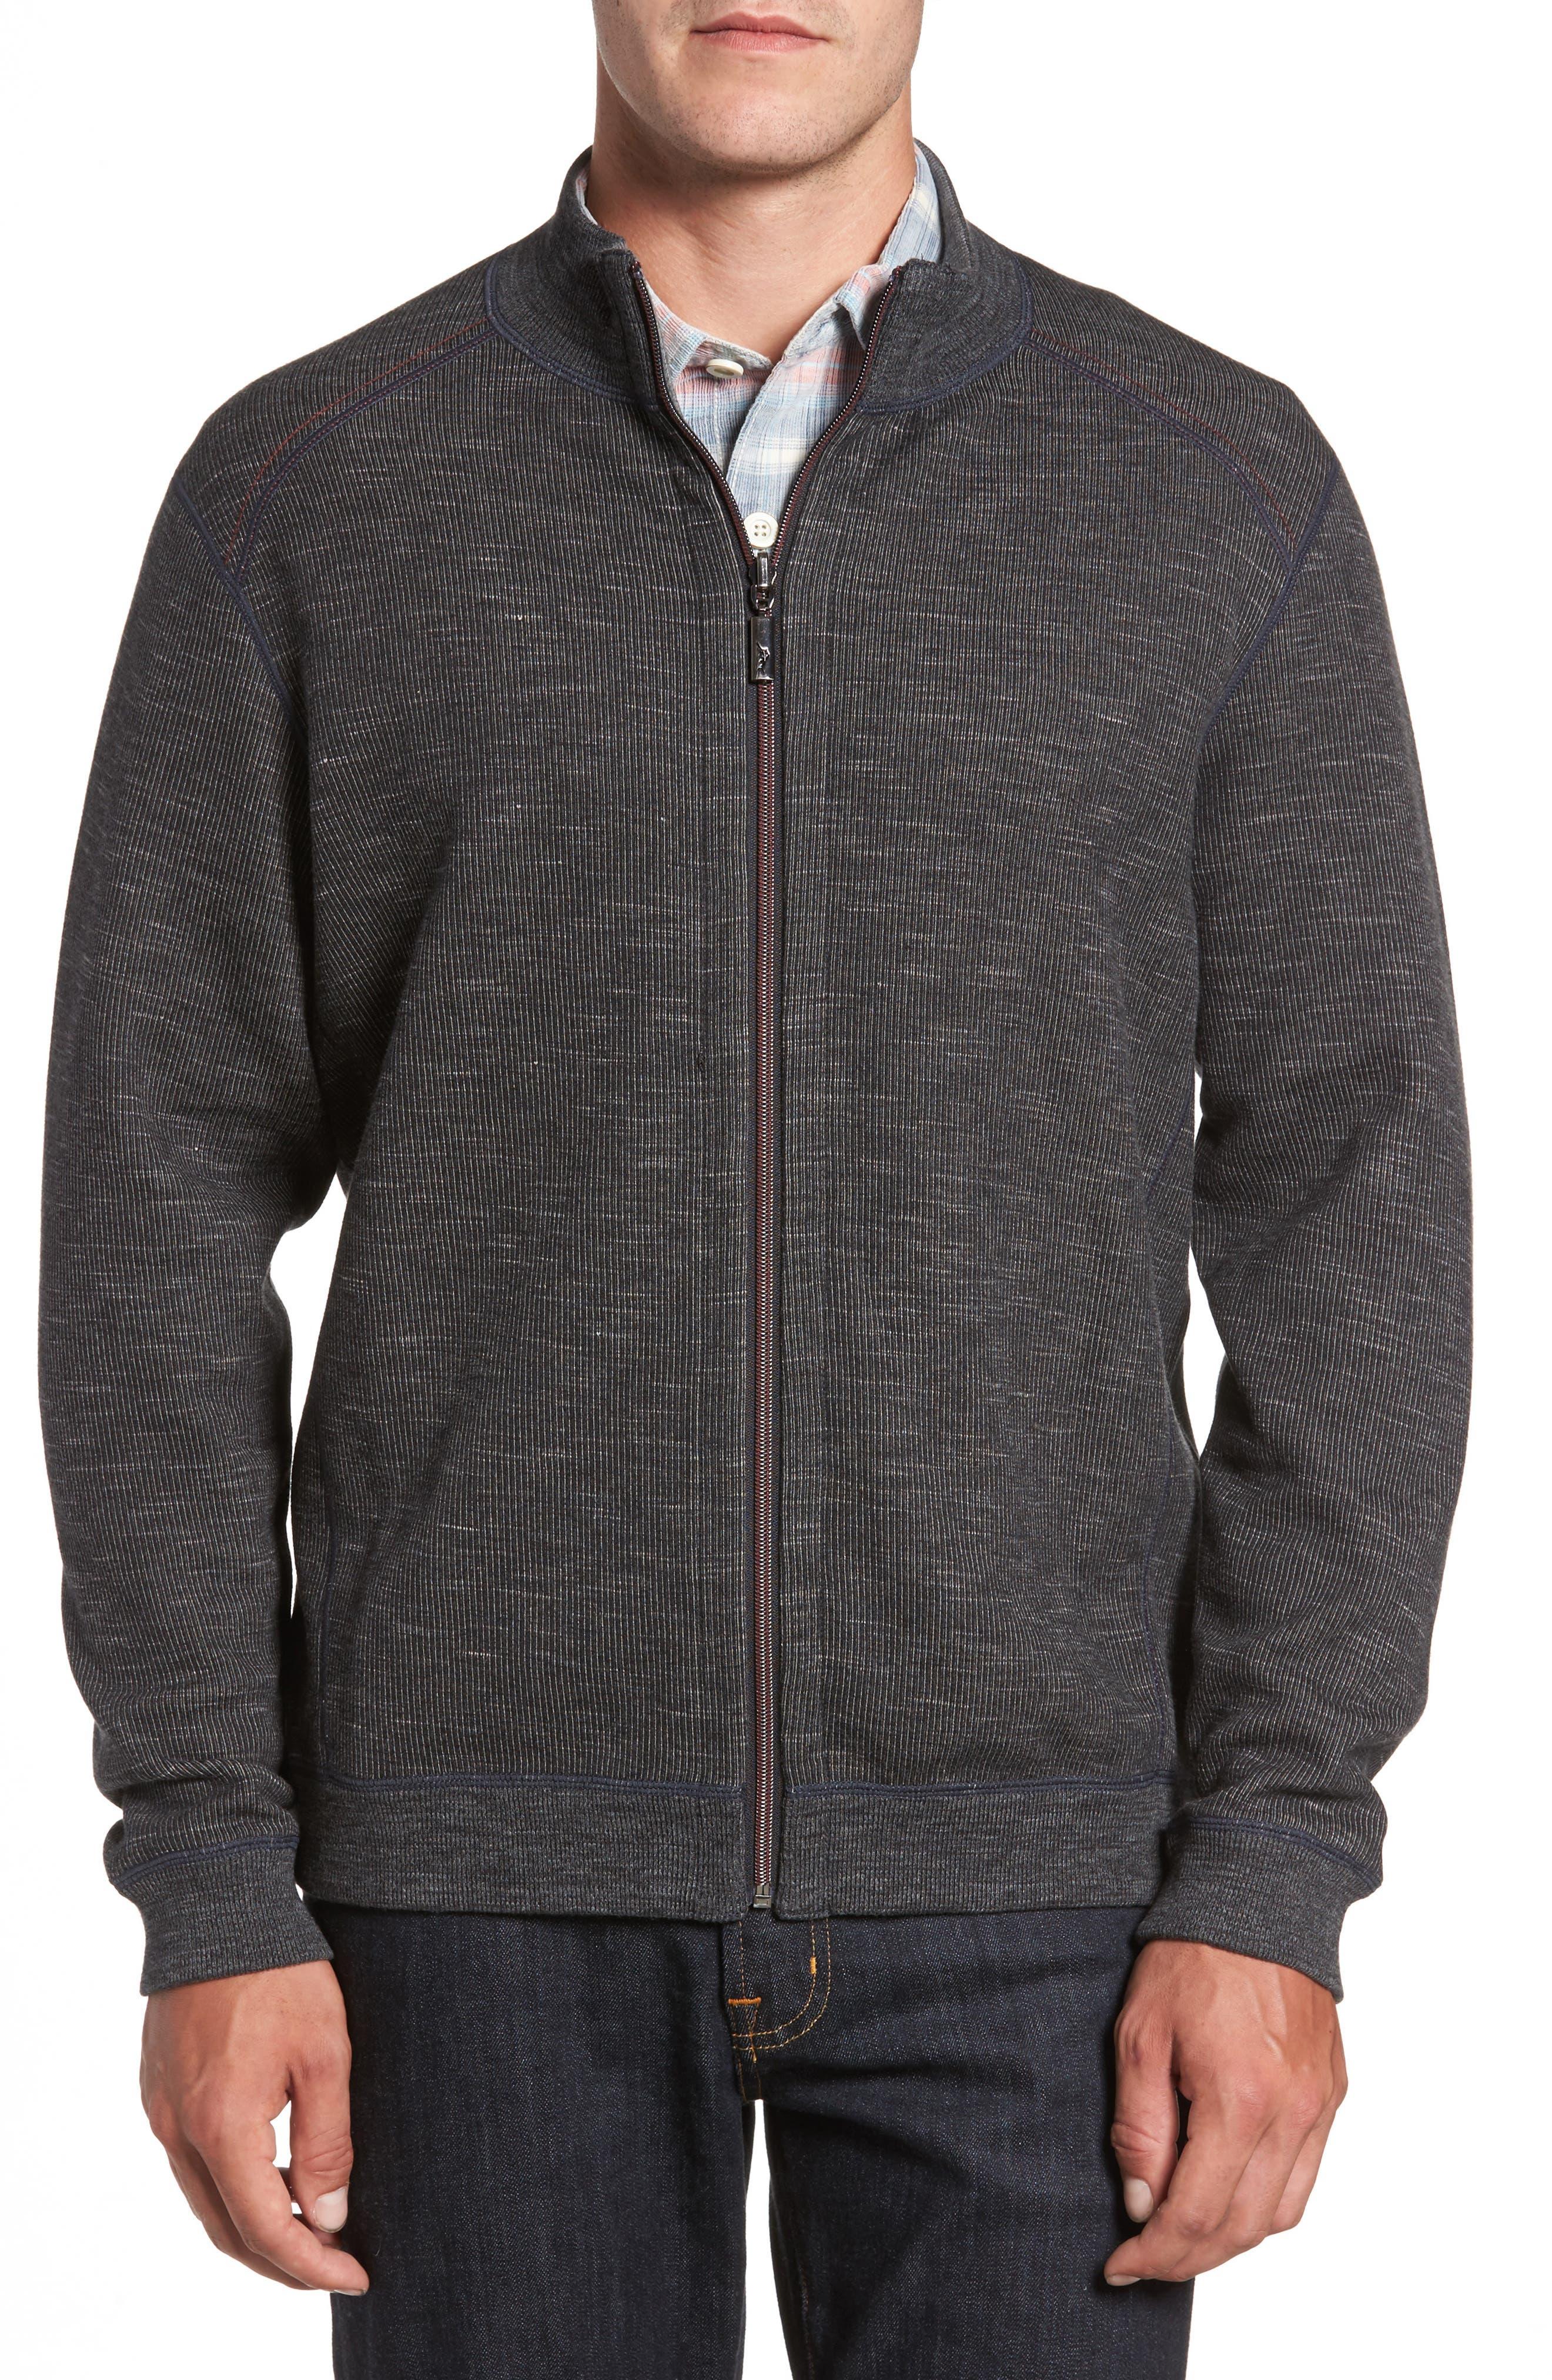 Alternate Image 1 Selected - Tommy Bahama Flipsider Reversible Jacket